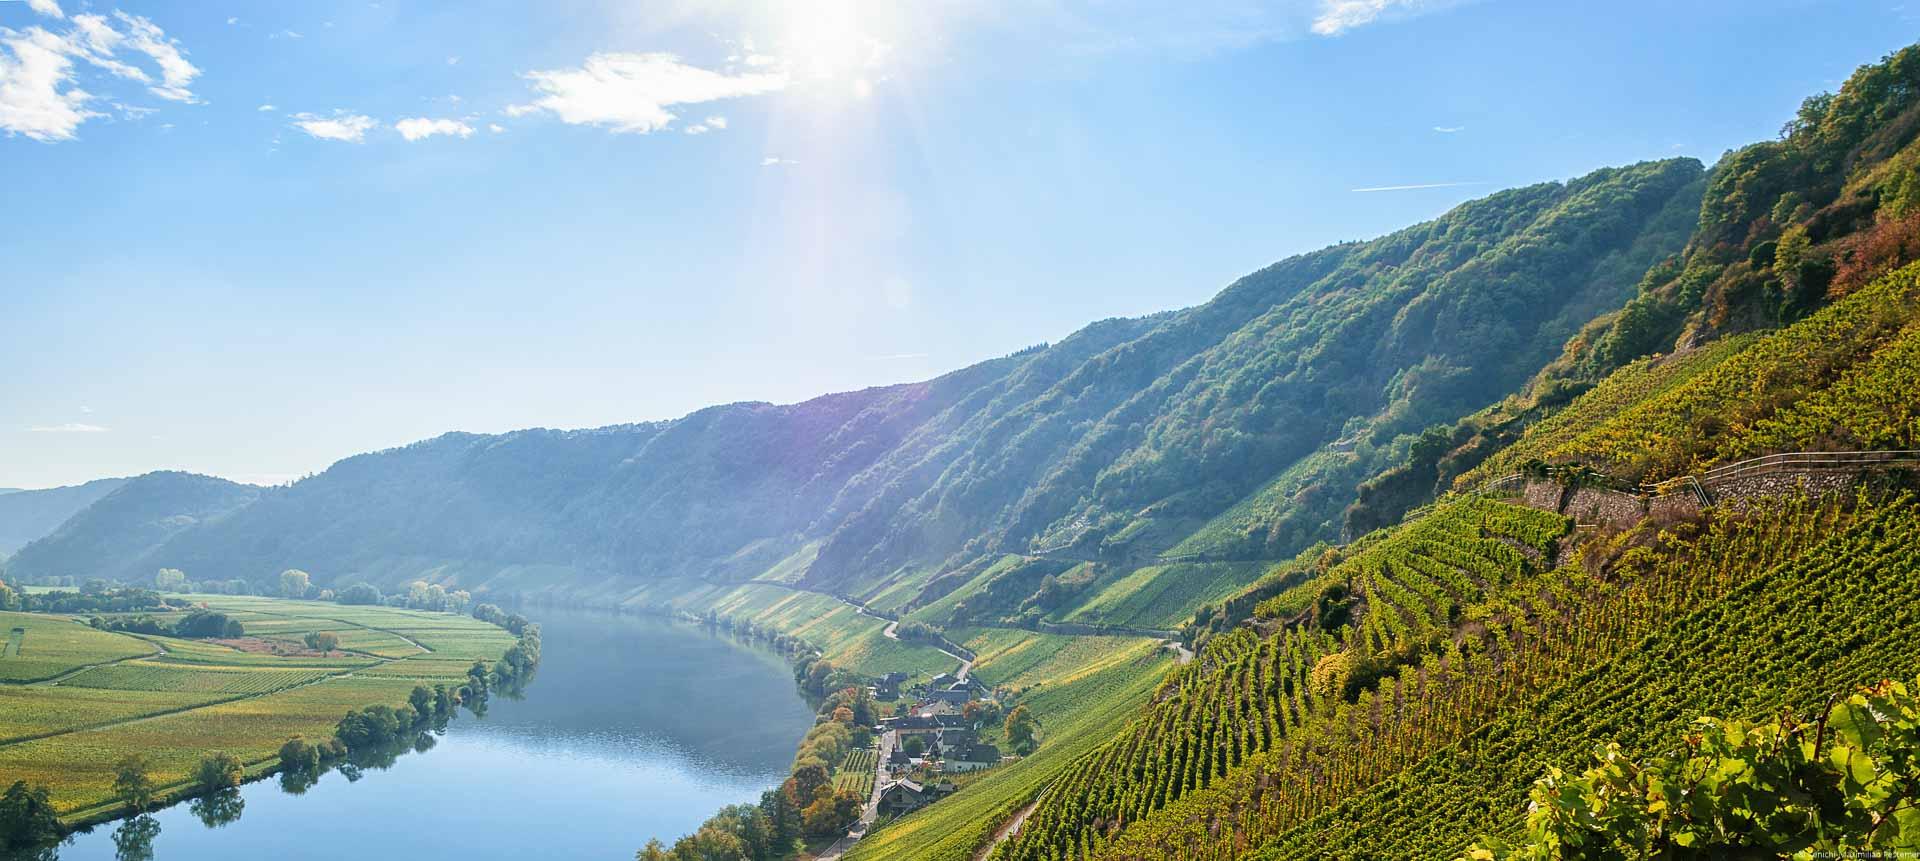 Links fließt der Fluss Mosel. Am linken Ufer sind bunte flache Weinberge im Herbst. Am rechten Ufer liegt der Ort Ferres. Am rechten Ufer sind steile Weinberge. Mitten darin liegt der Weinberg Piesporter Schubertslay. Im Hintergrund sind Wälder am rechten Ufer. Die Sonne scheint am blauen Himmel.